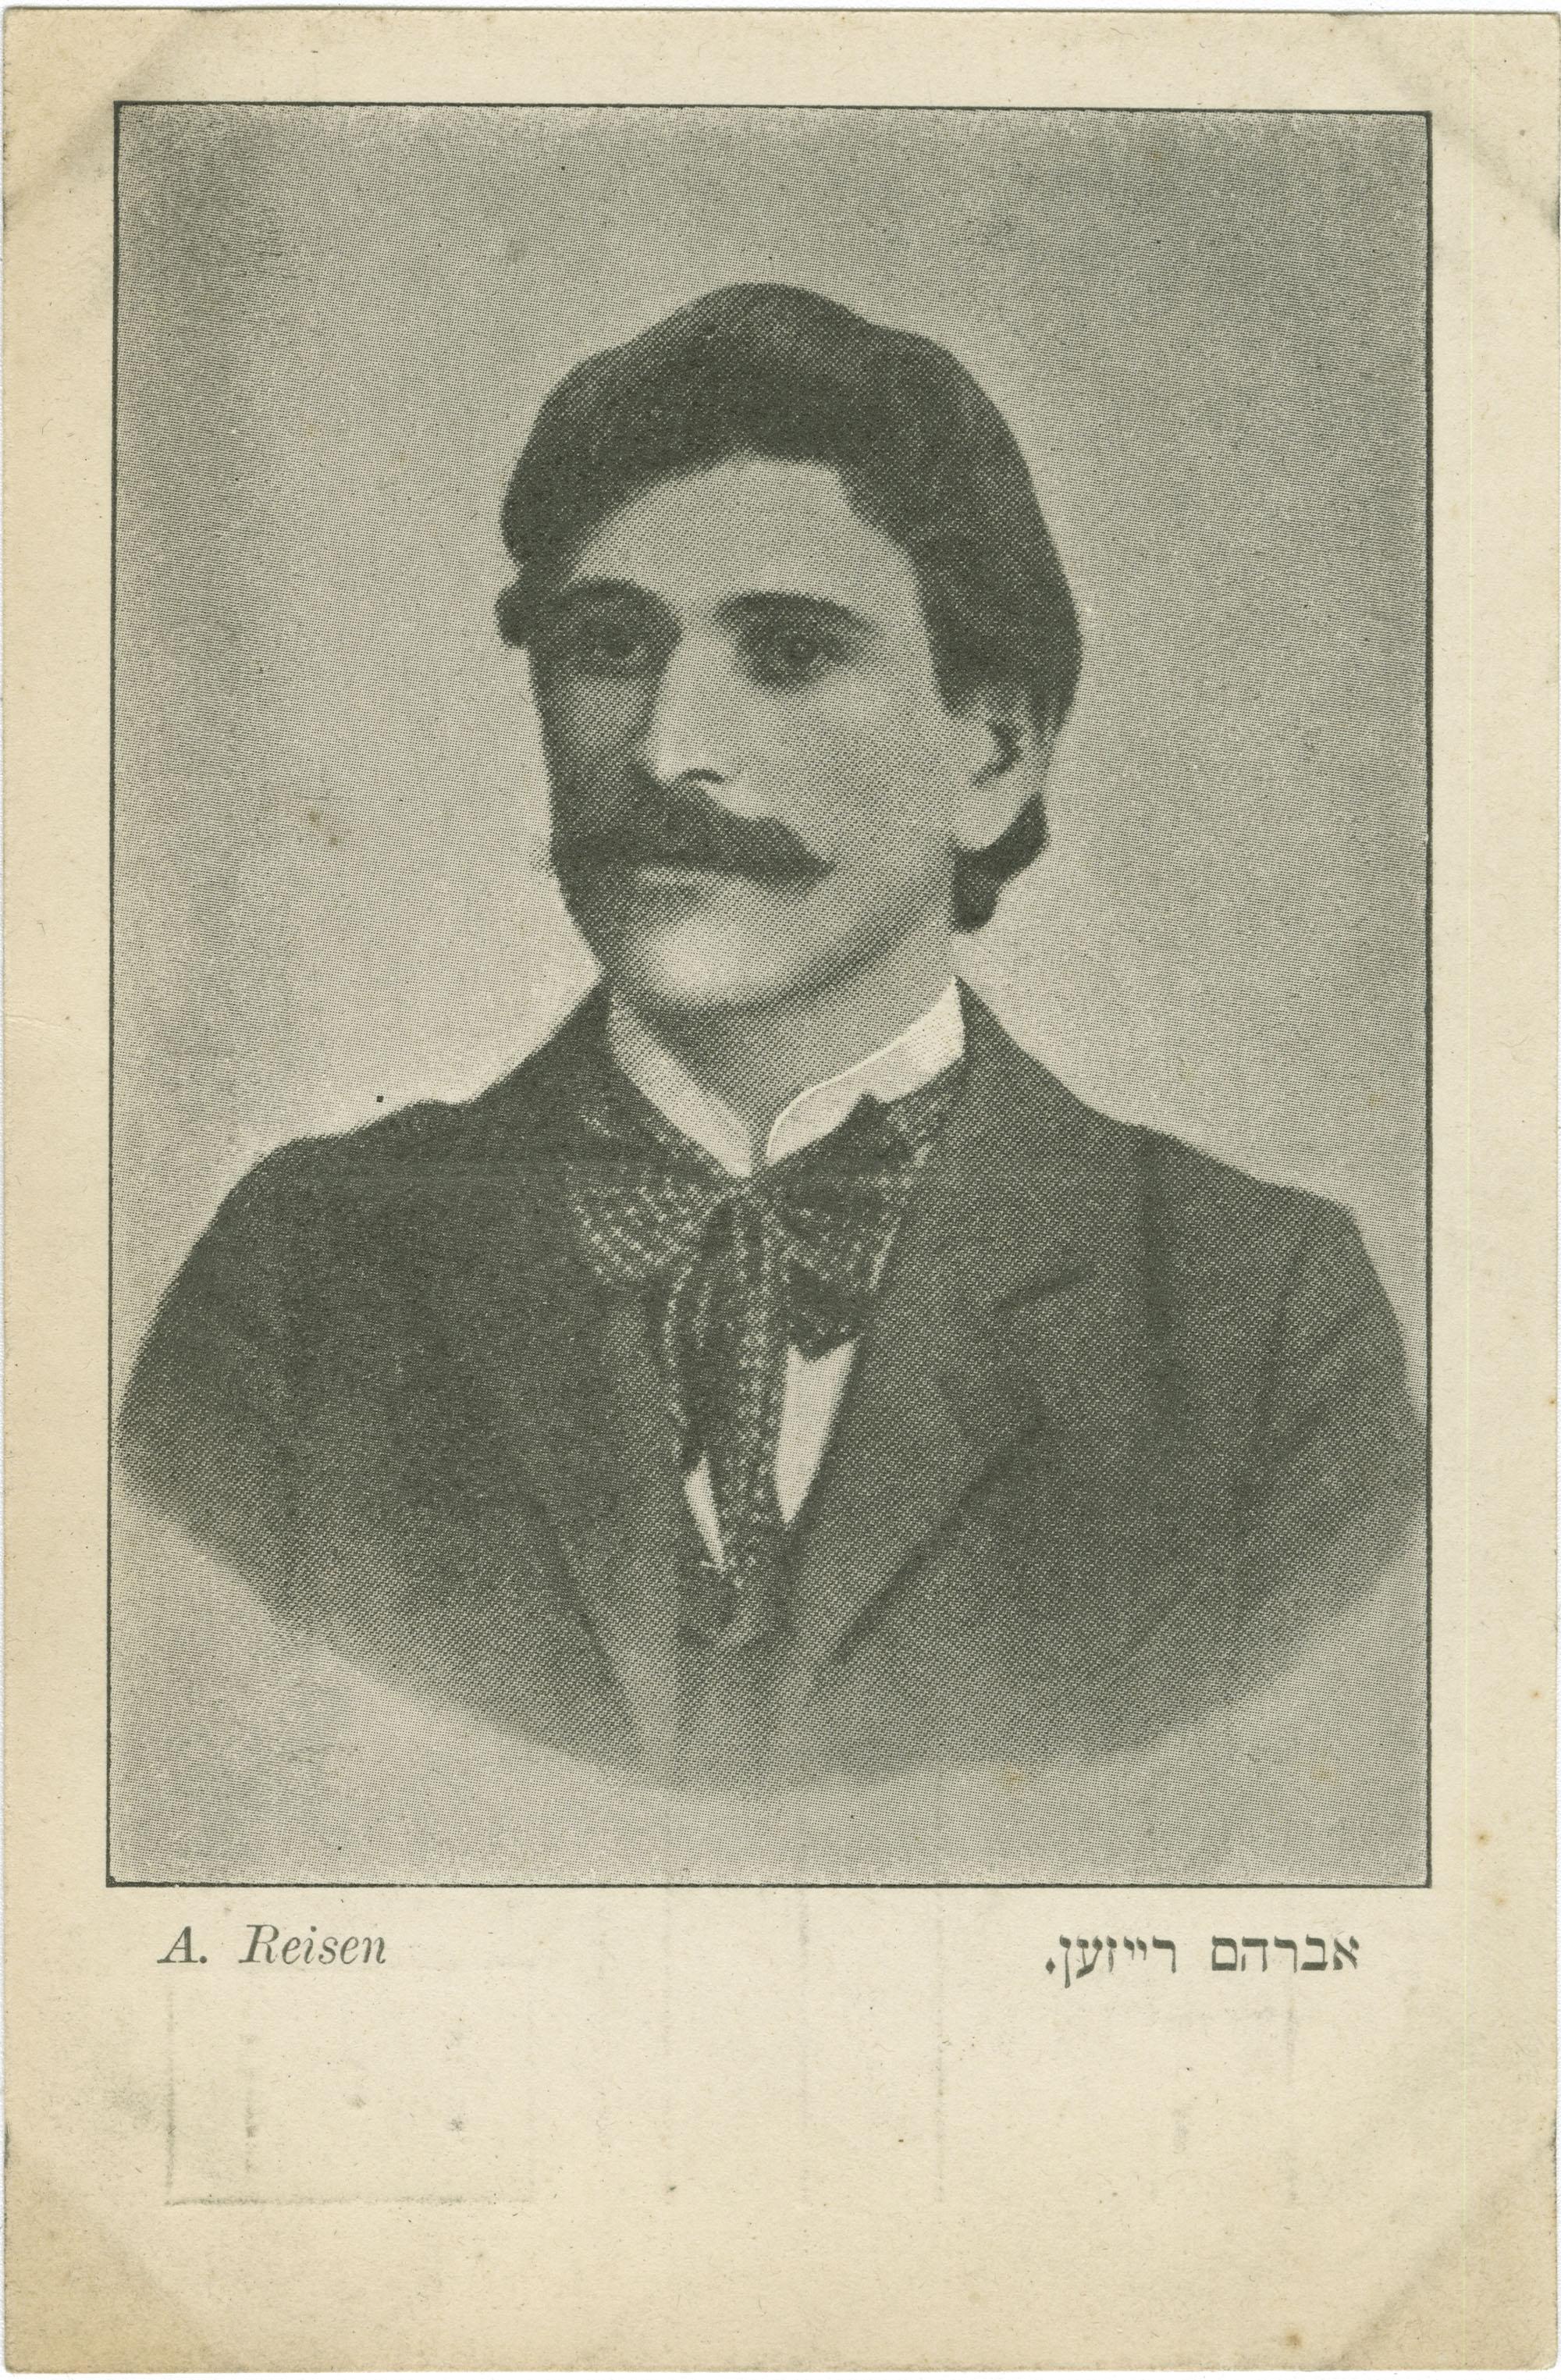 A. Reisen / אברהם רייזען